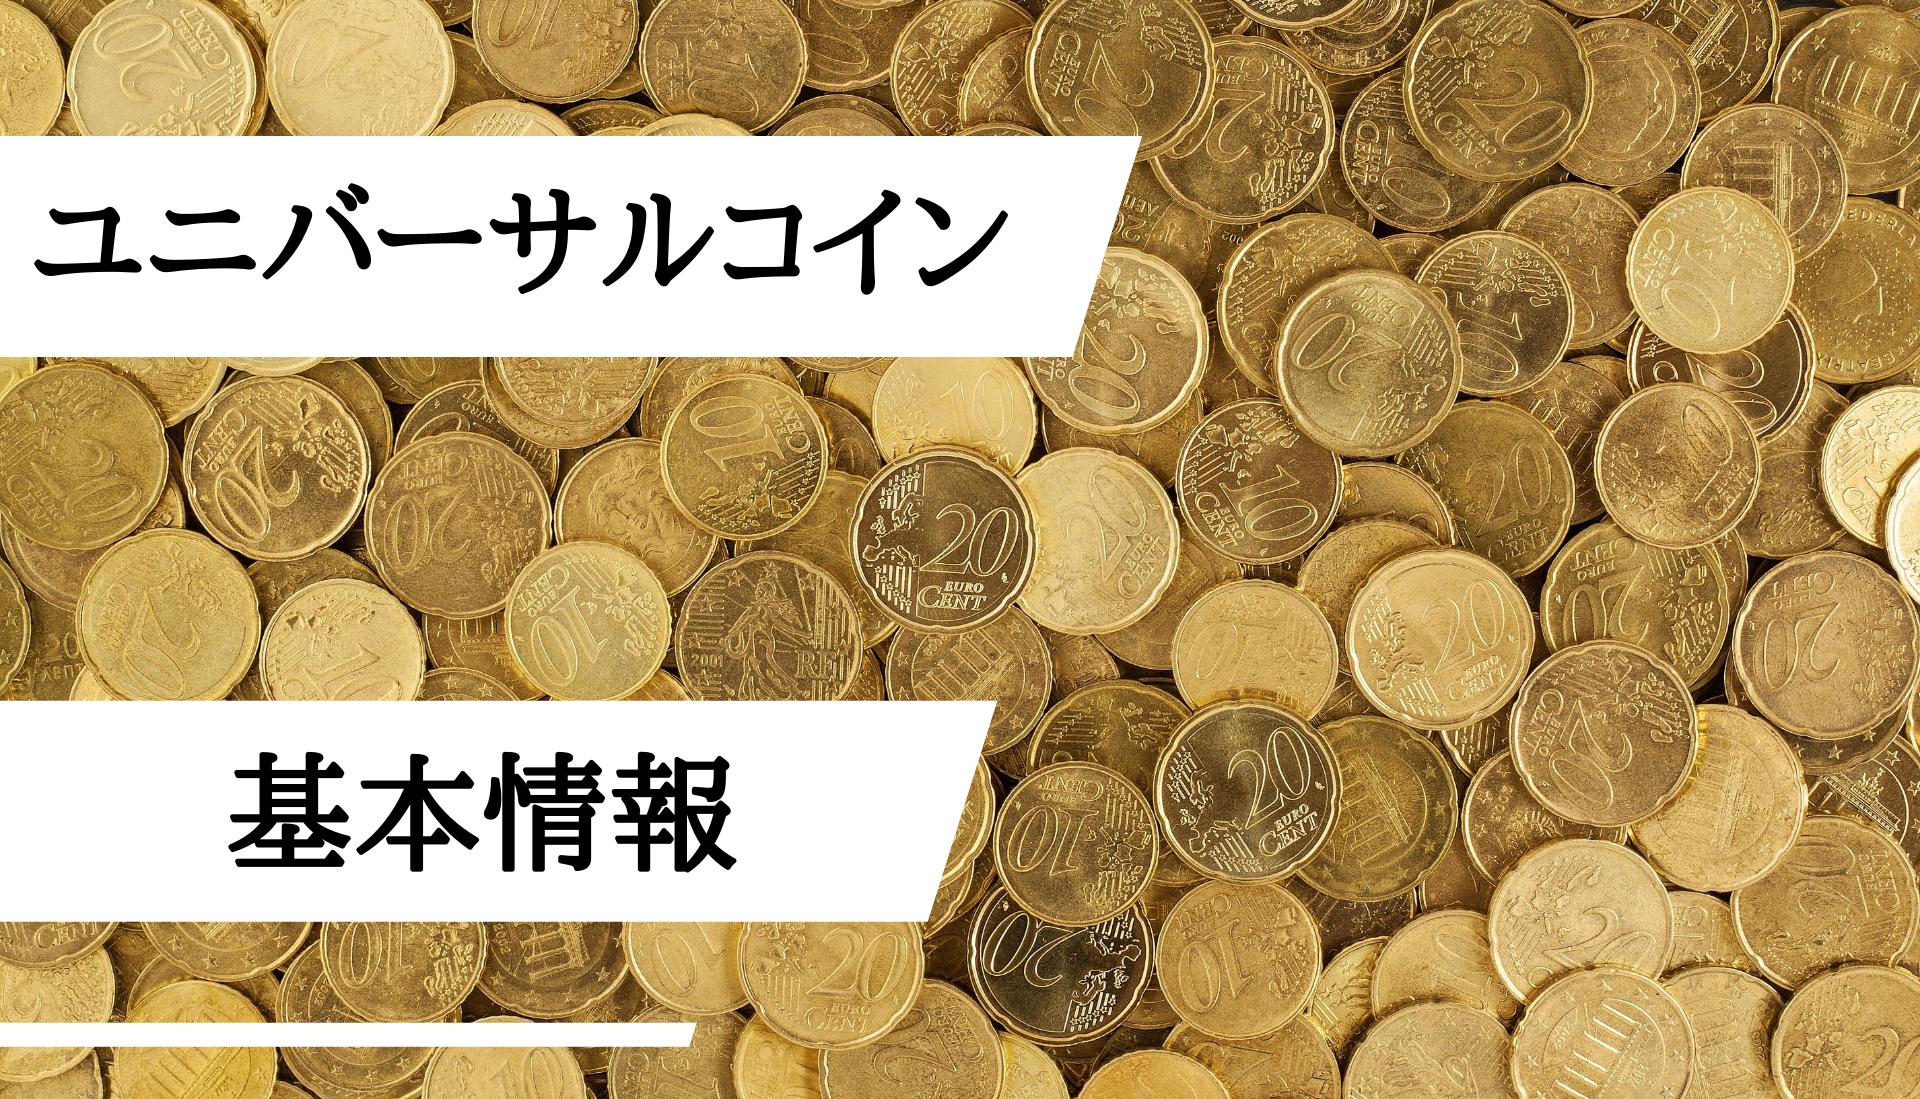 ユニバーサルコイン評判_基本情報